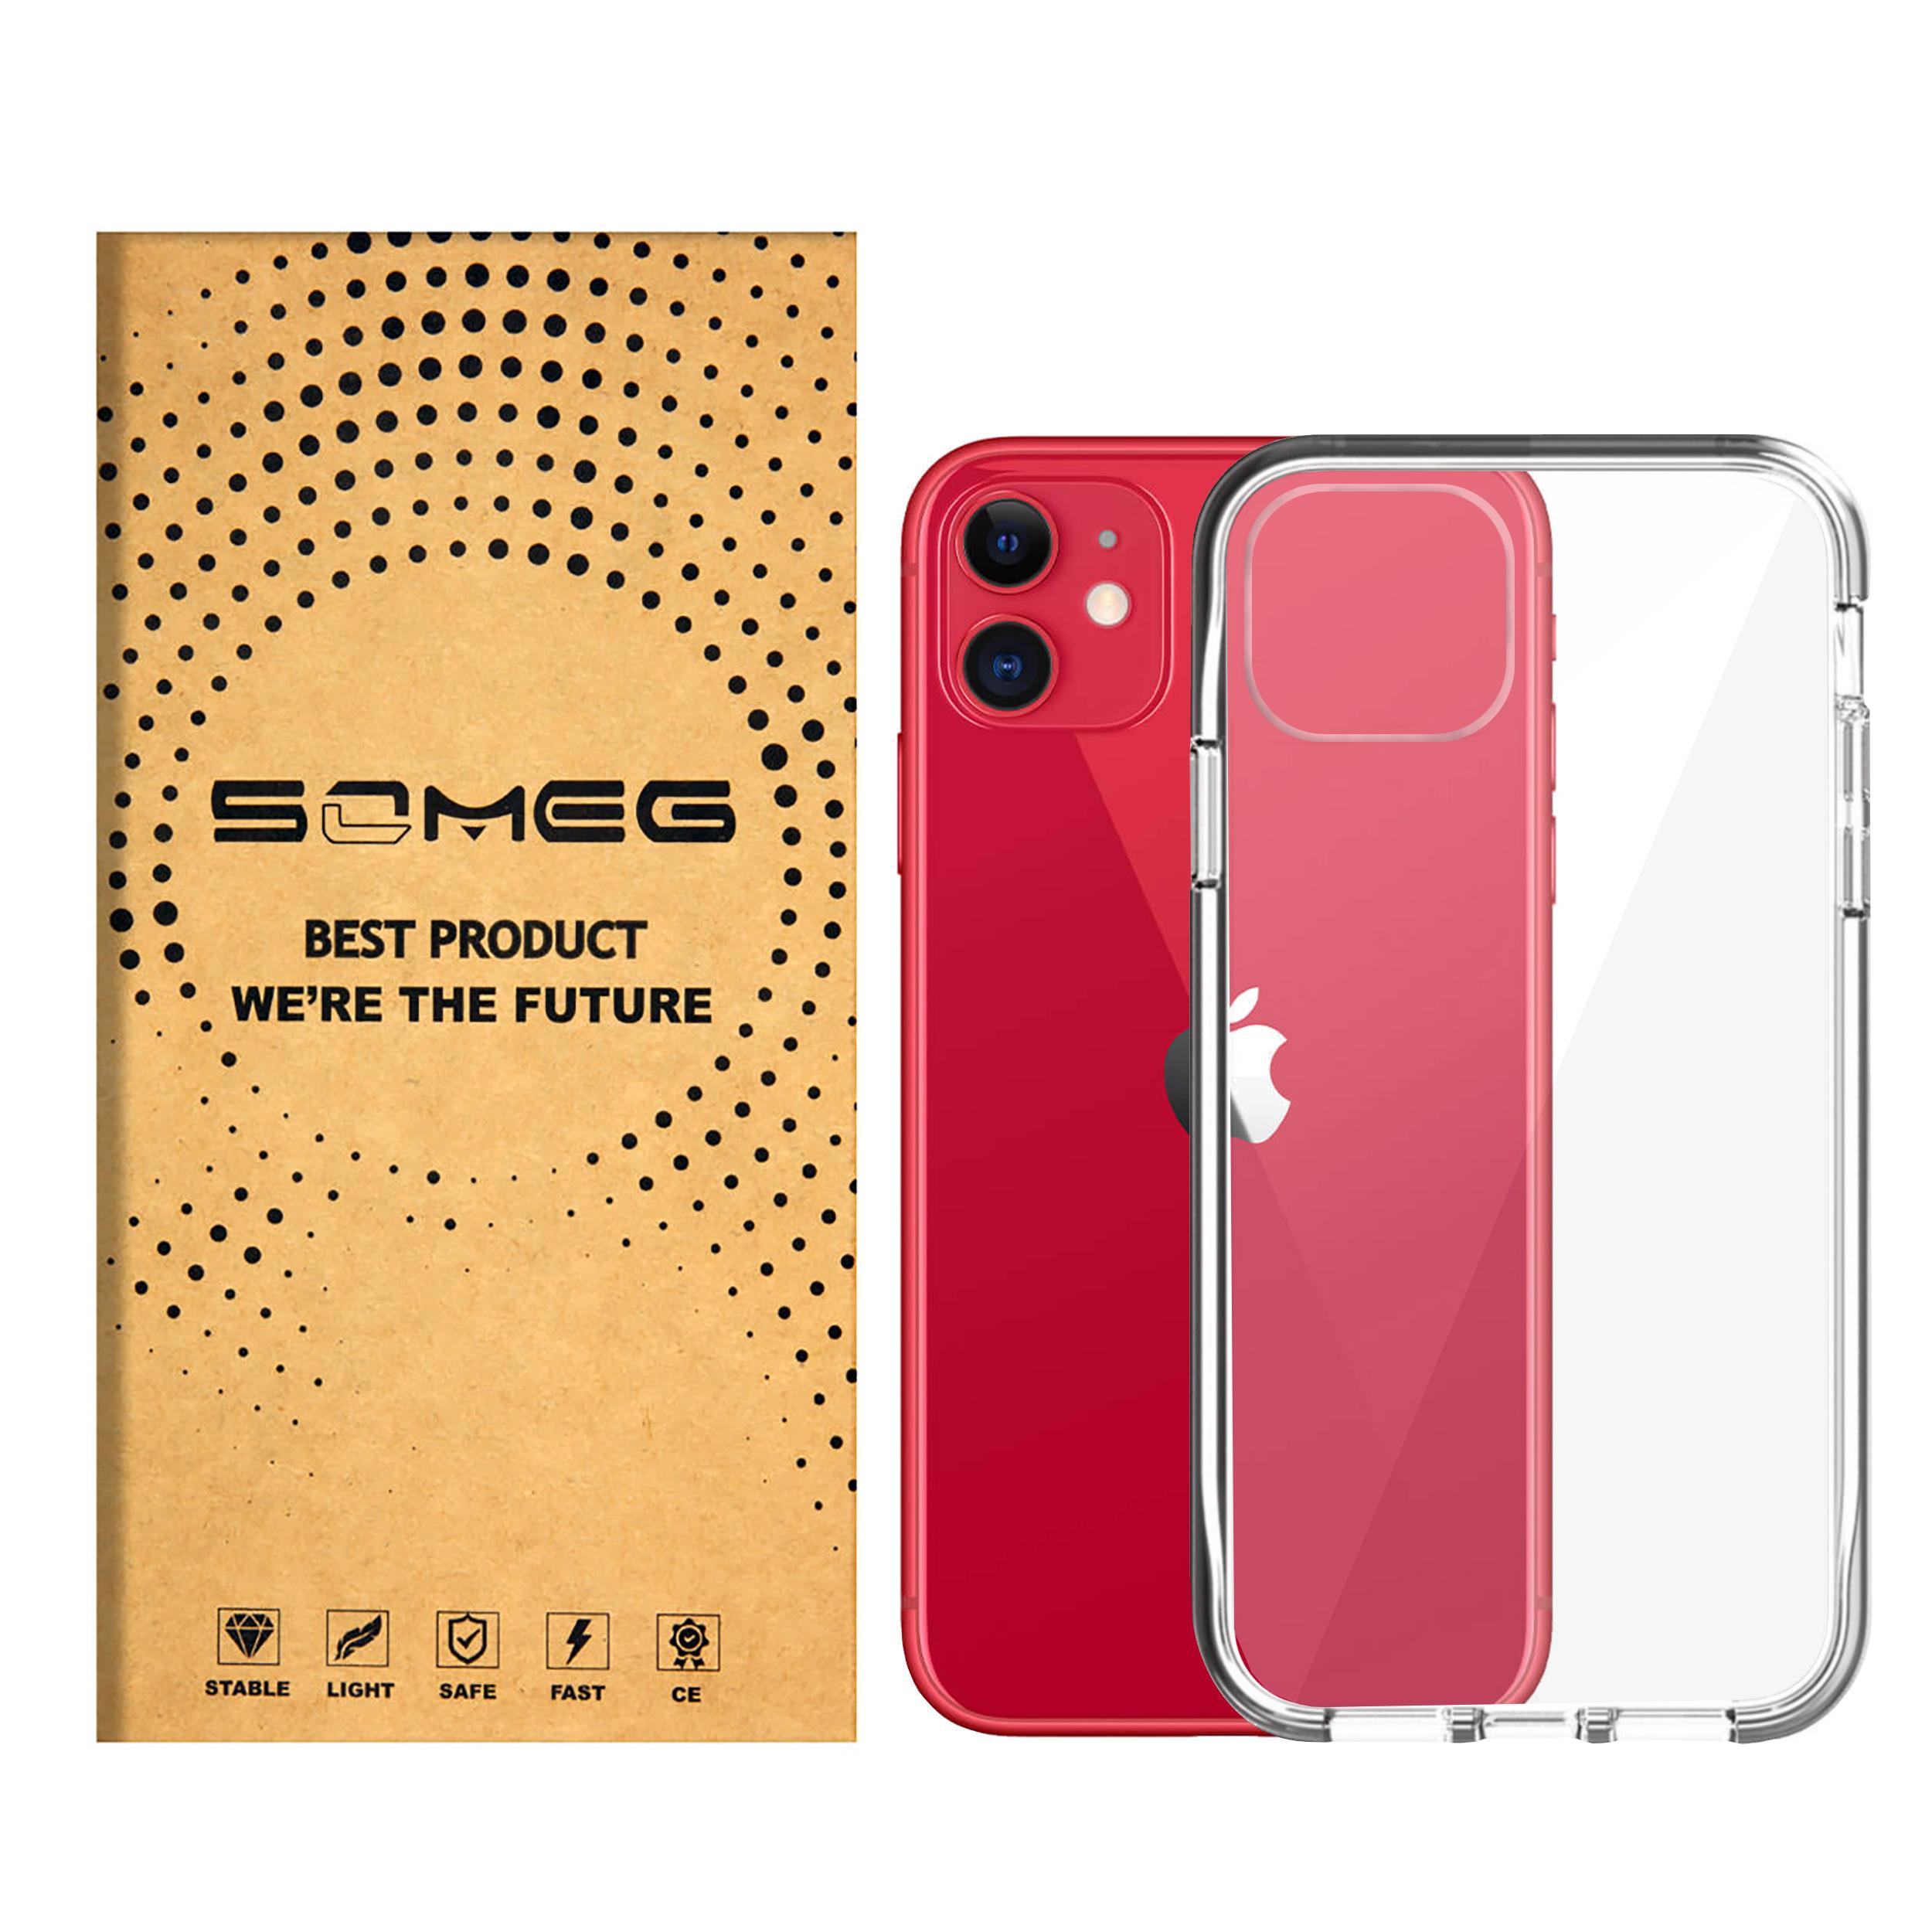 کاور  سومگ مدل SMG-E11 مناسب برای گوشی  موبایل اپل Iphone 11              ( قیمت و خرید)